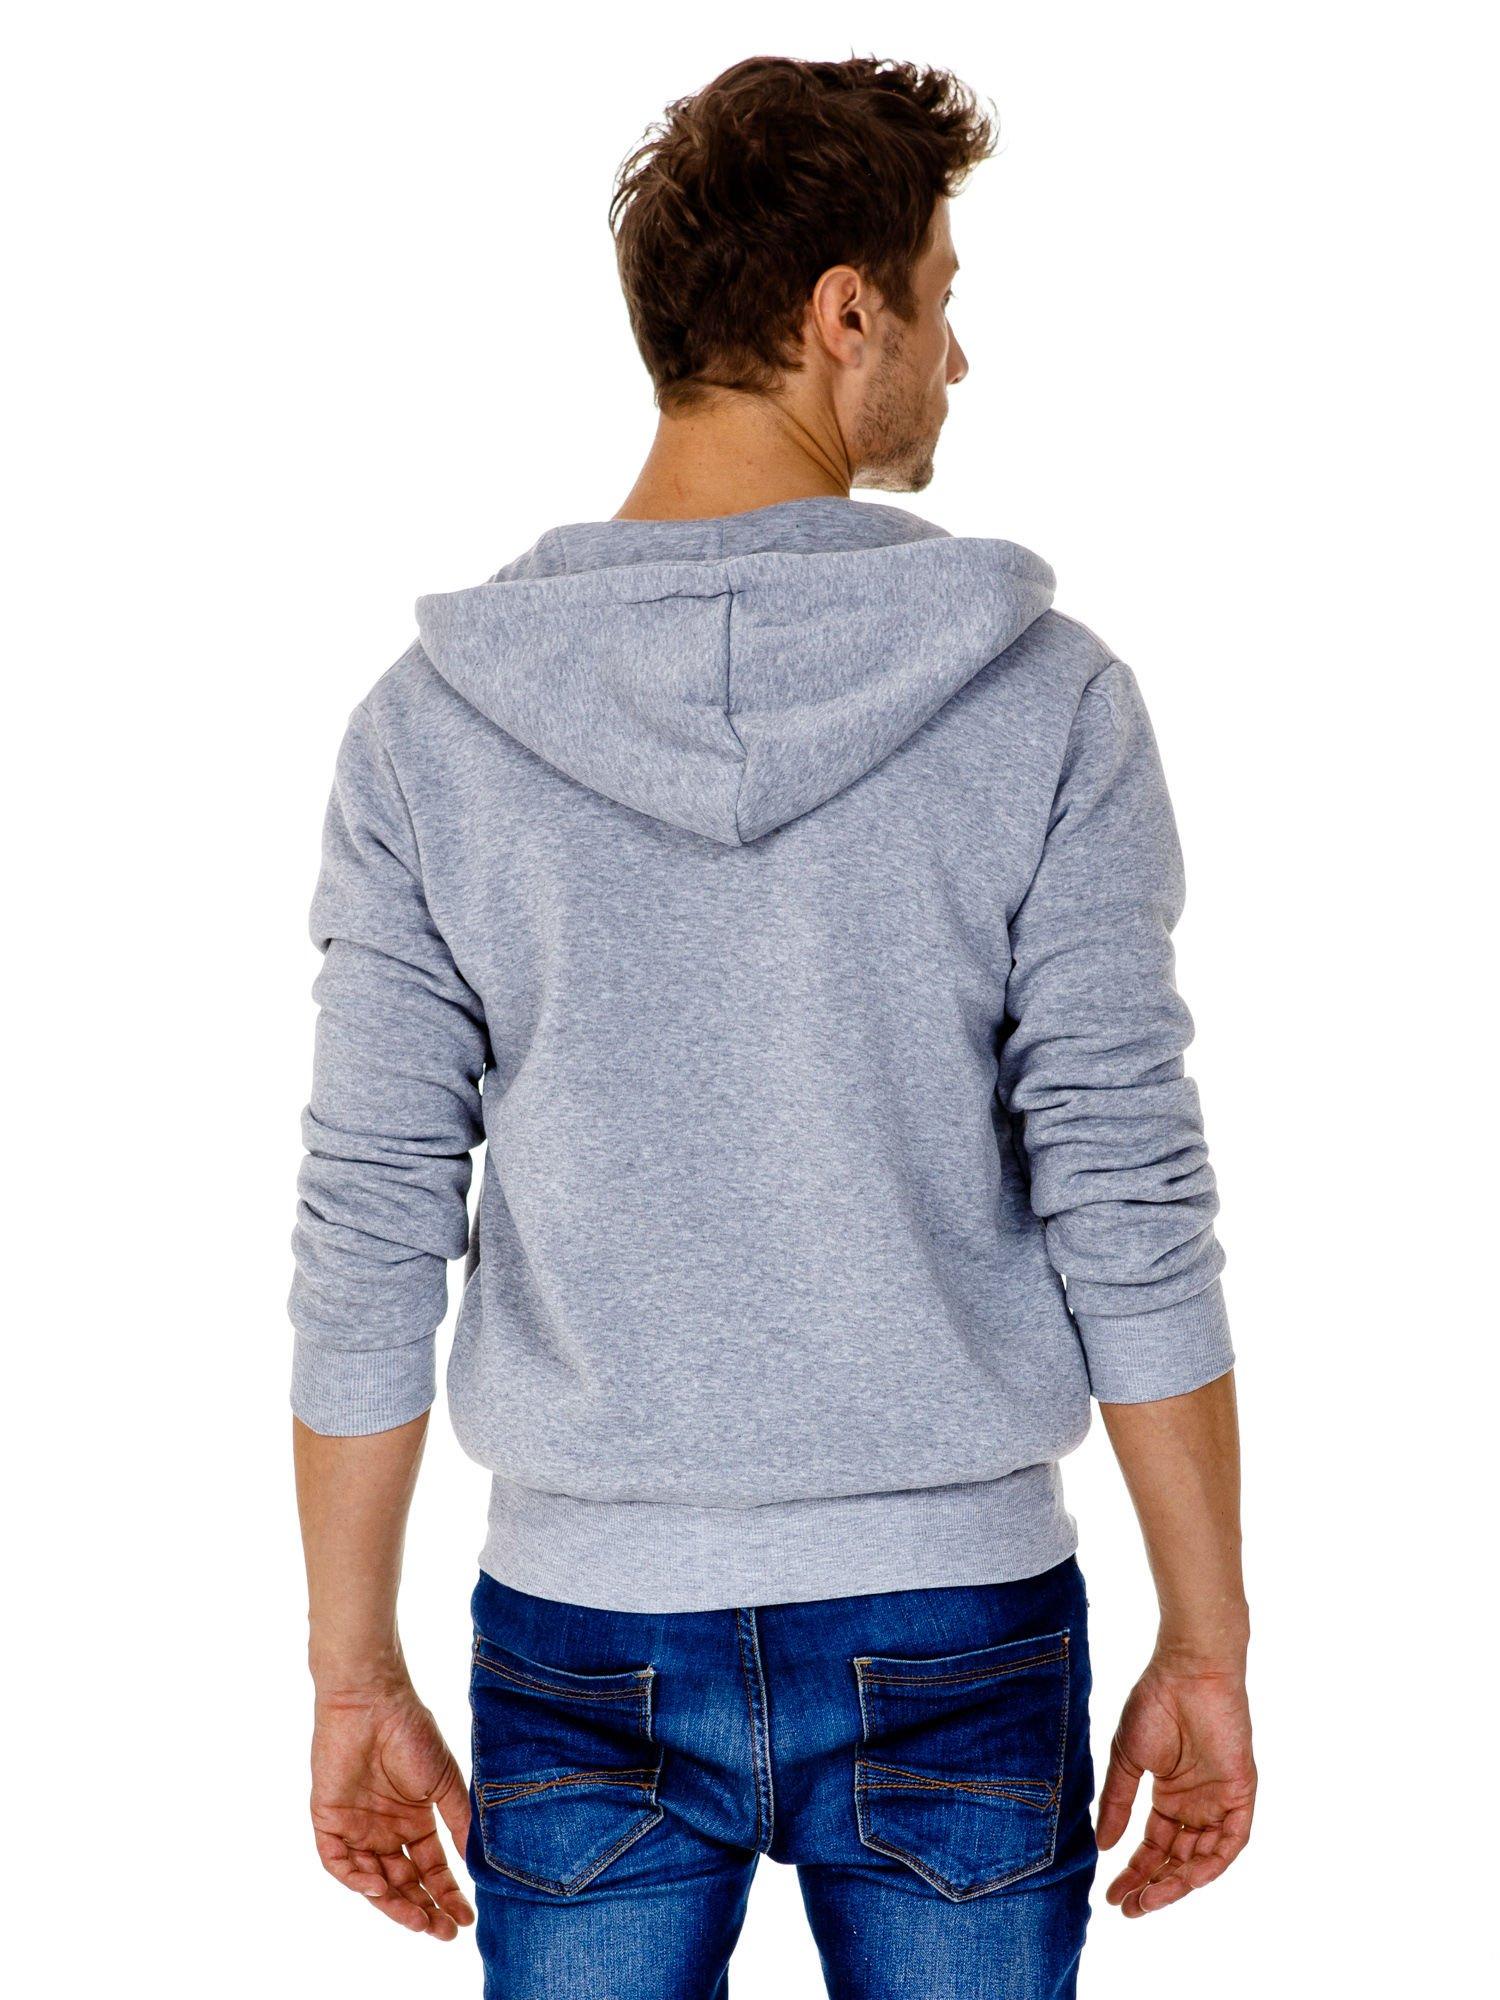 Jasnoszara gruba bluza męska z kapturem i kieszeniami                                  zdj.                                  5